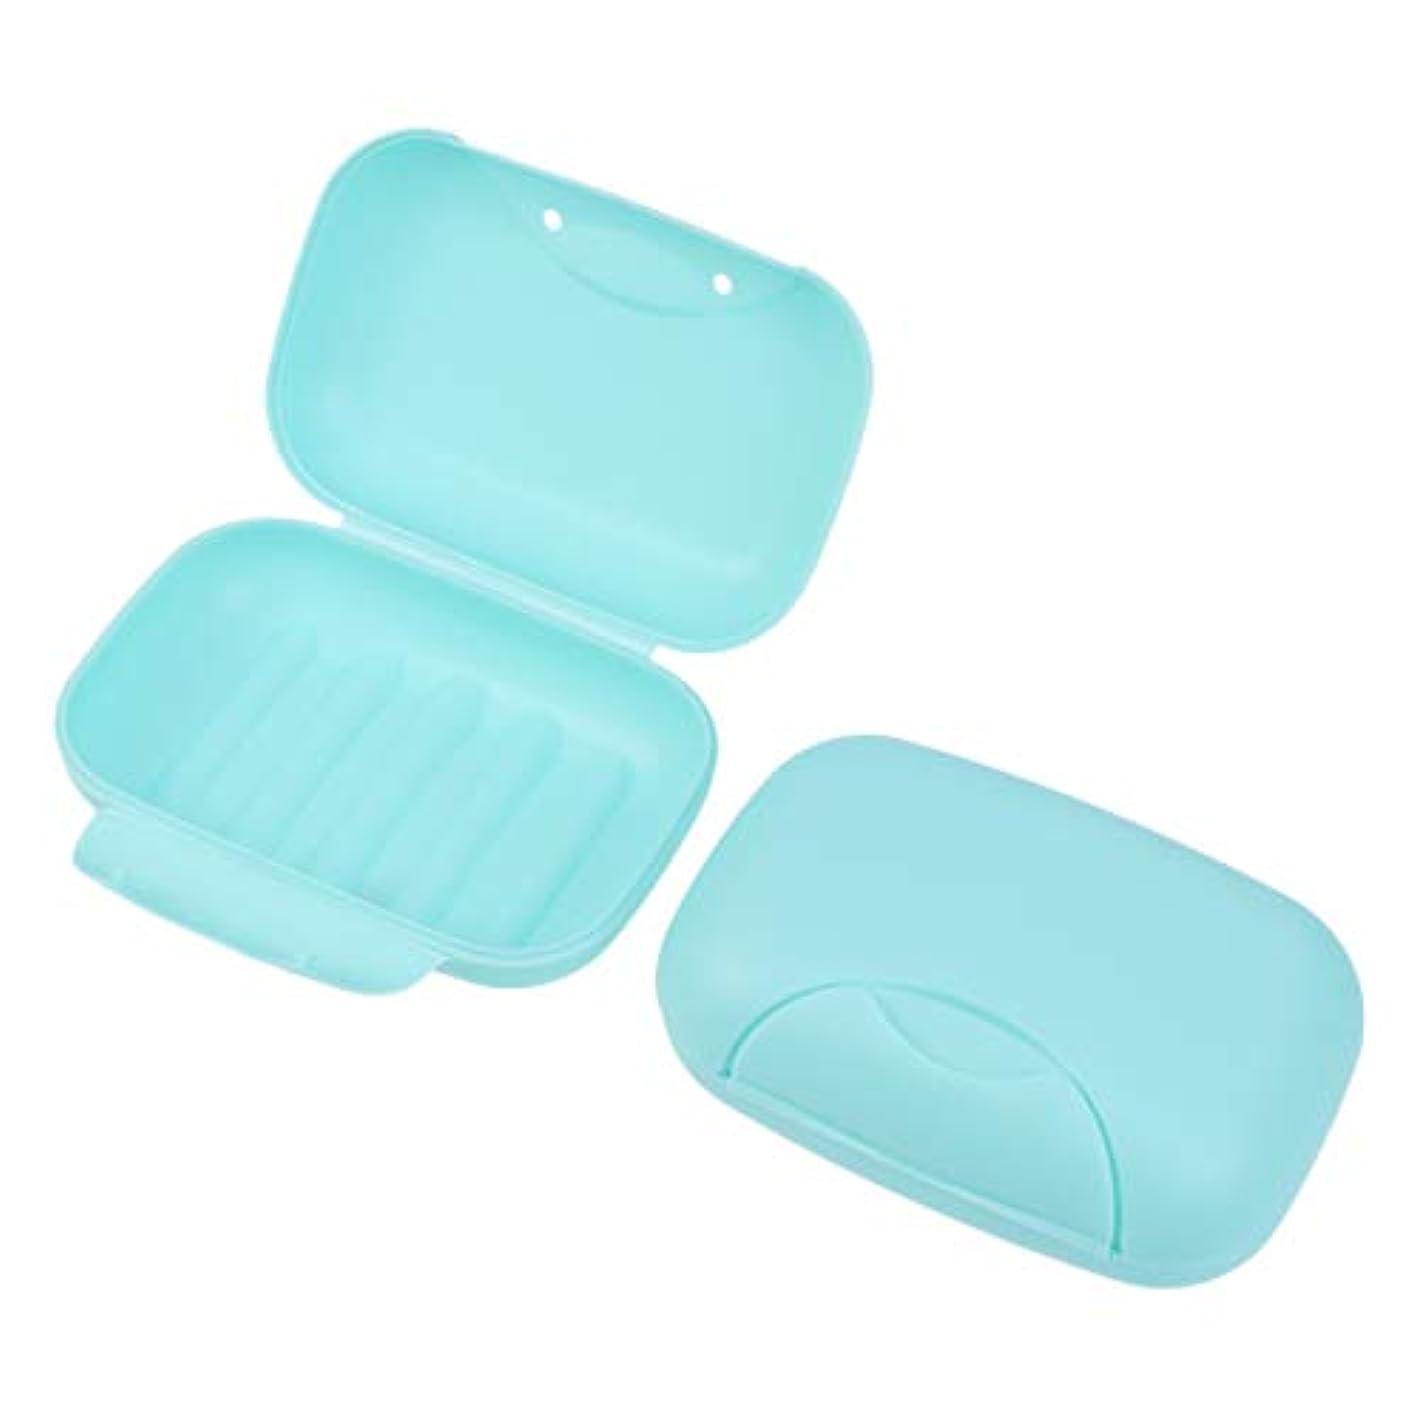 かる残忍な拷問Healifty 旅行用ソープボックス防水石鹸皿ソープホルダー2個(青)